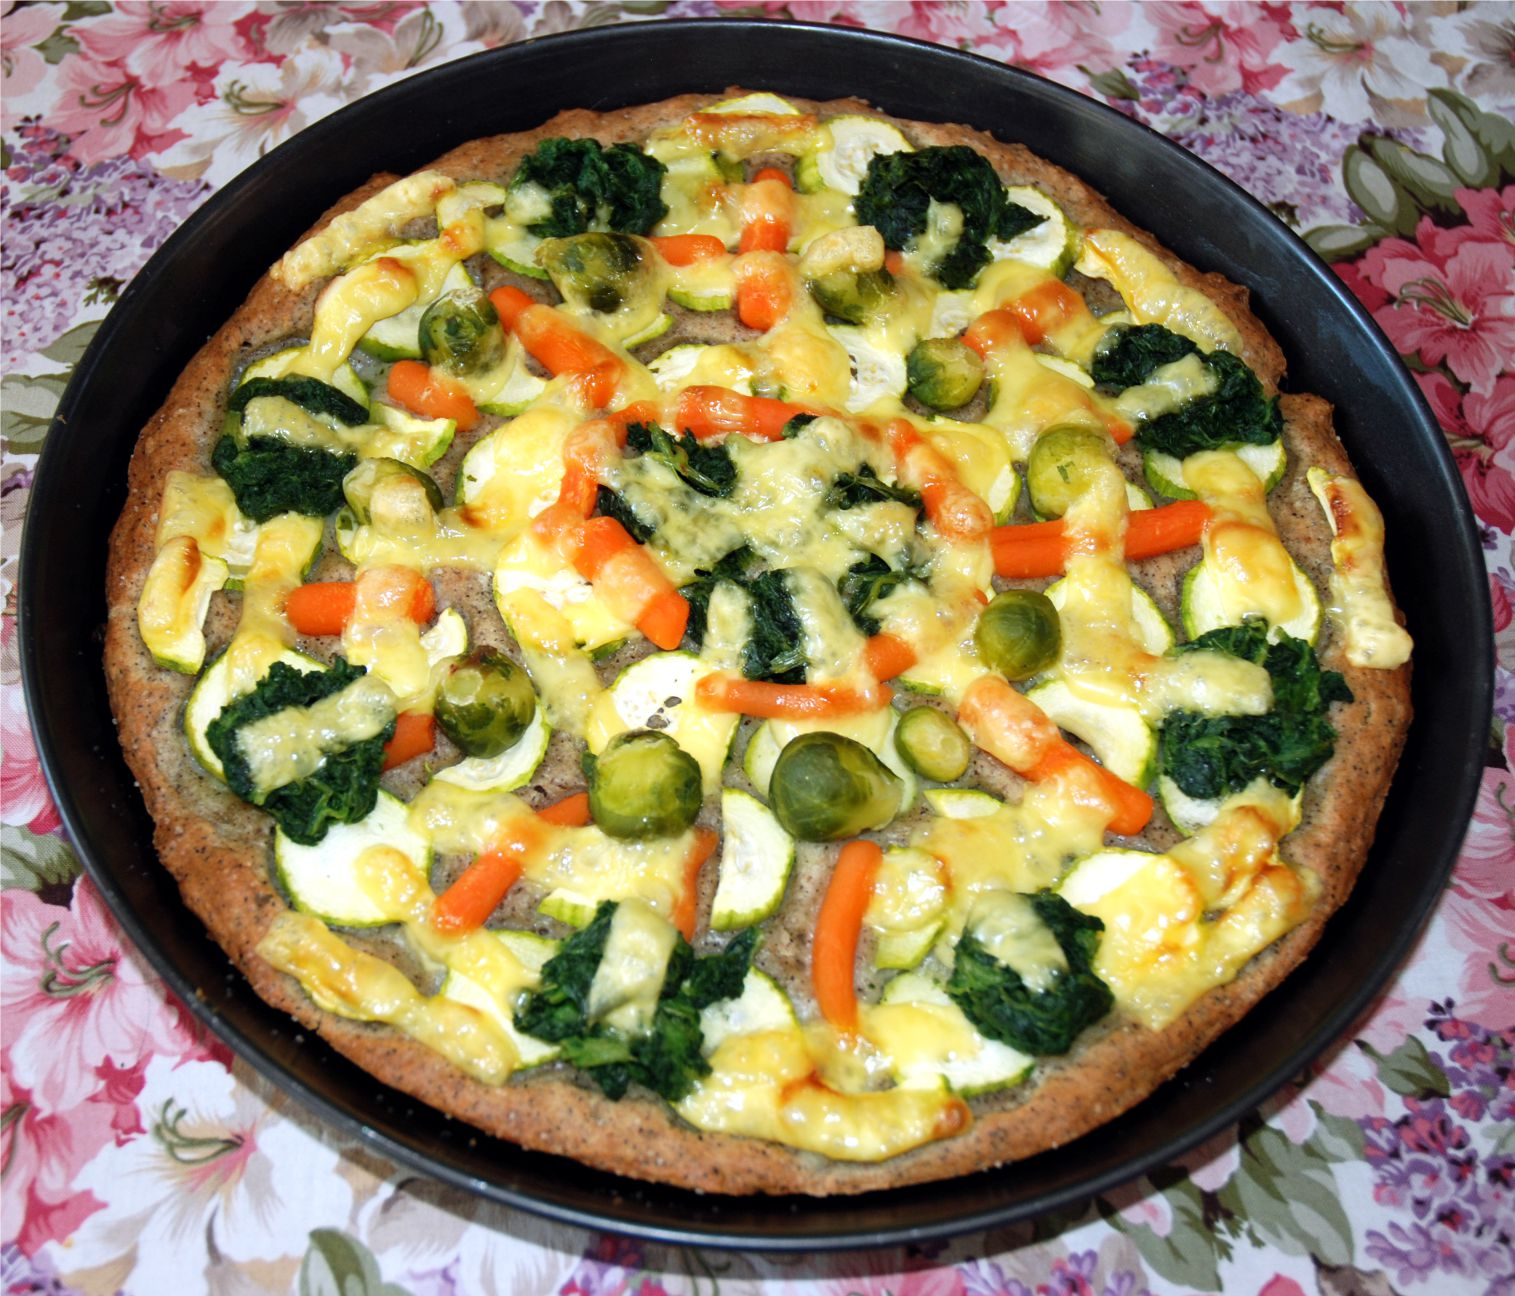 Azt, hogy ezentúl nem eszem pizzát, teljesen fölösleges megfogadni. Azt azonban igen, hogy jó sok egészséges zöldség lesz rajta.